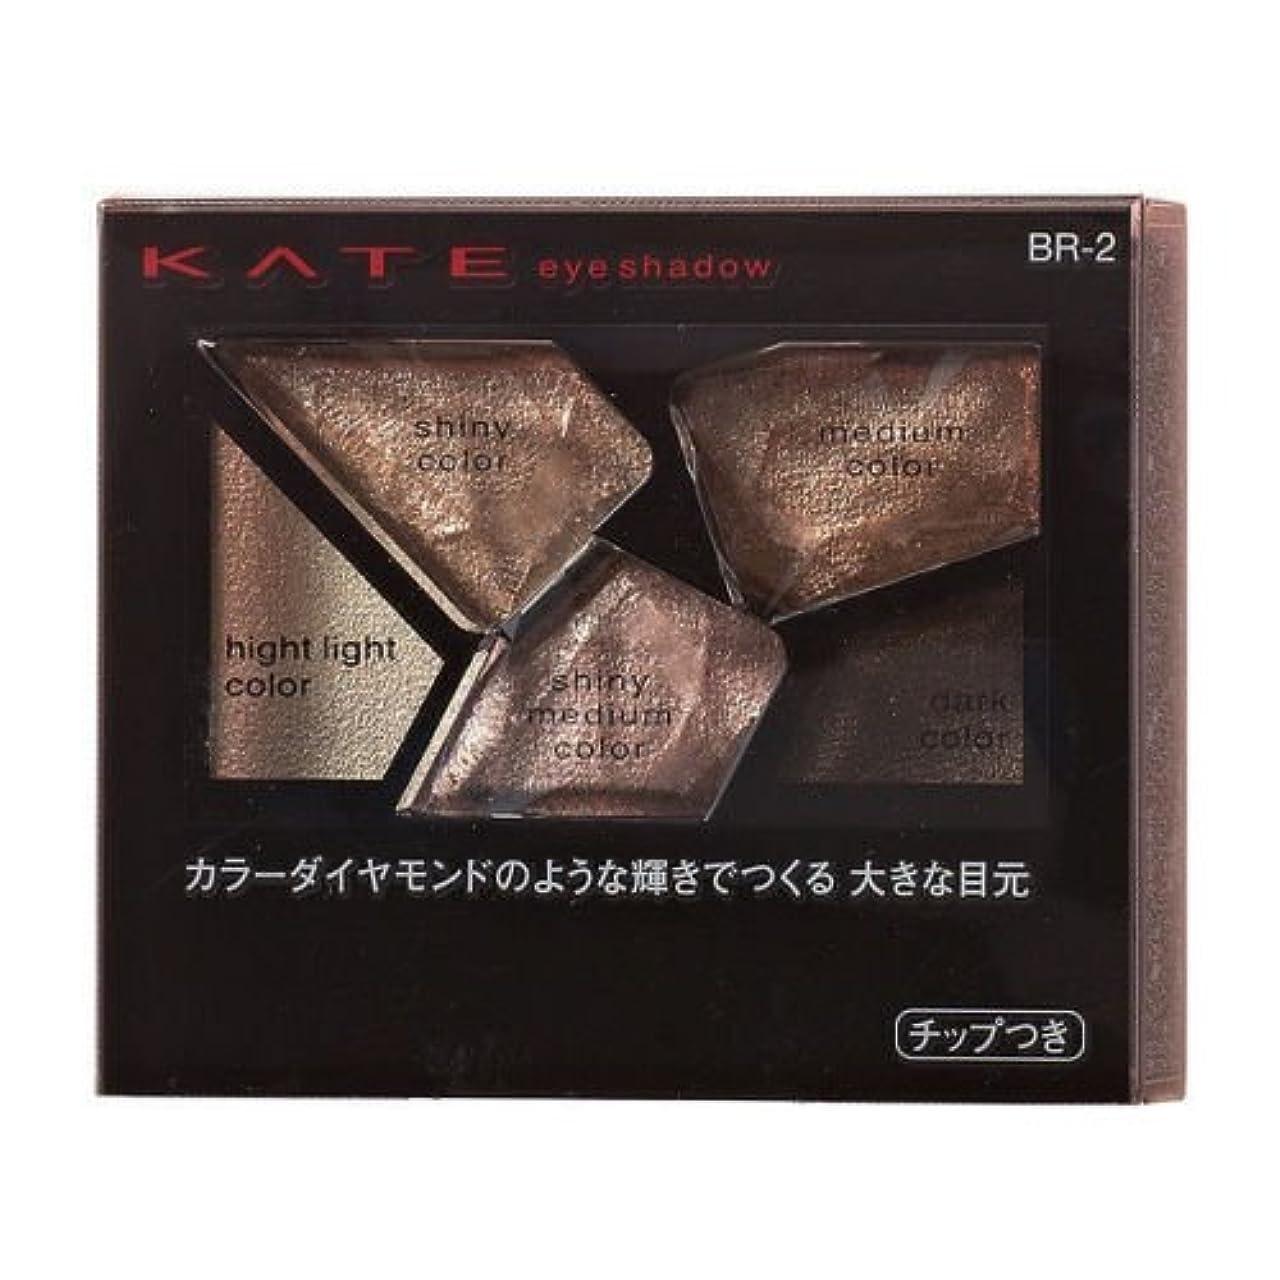 議題俳優九時四十五分【カネボウ】ケイト カラーシャスダイヤモンド #BR-2 2.8g